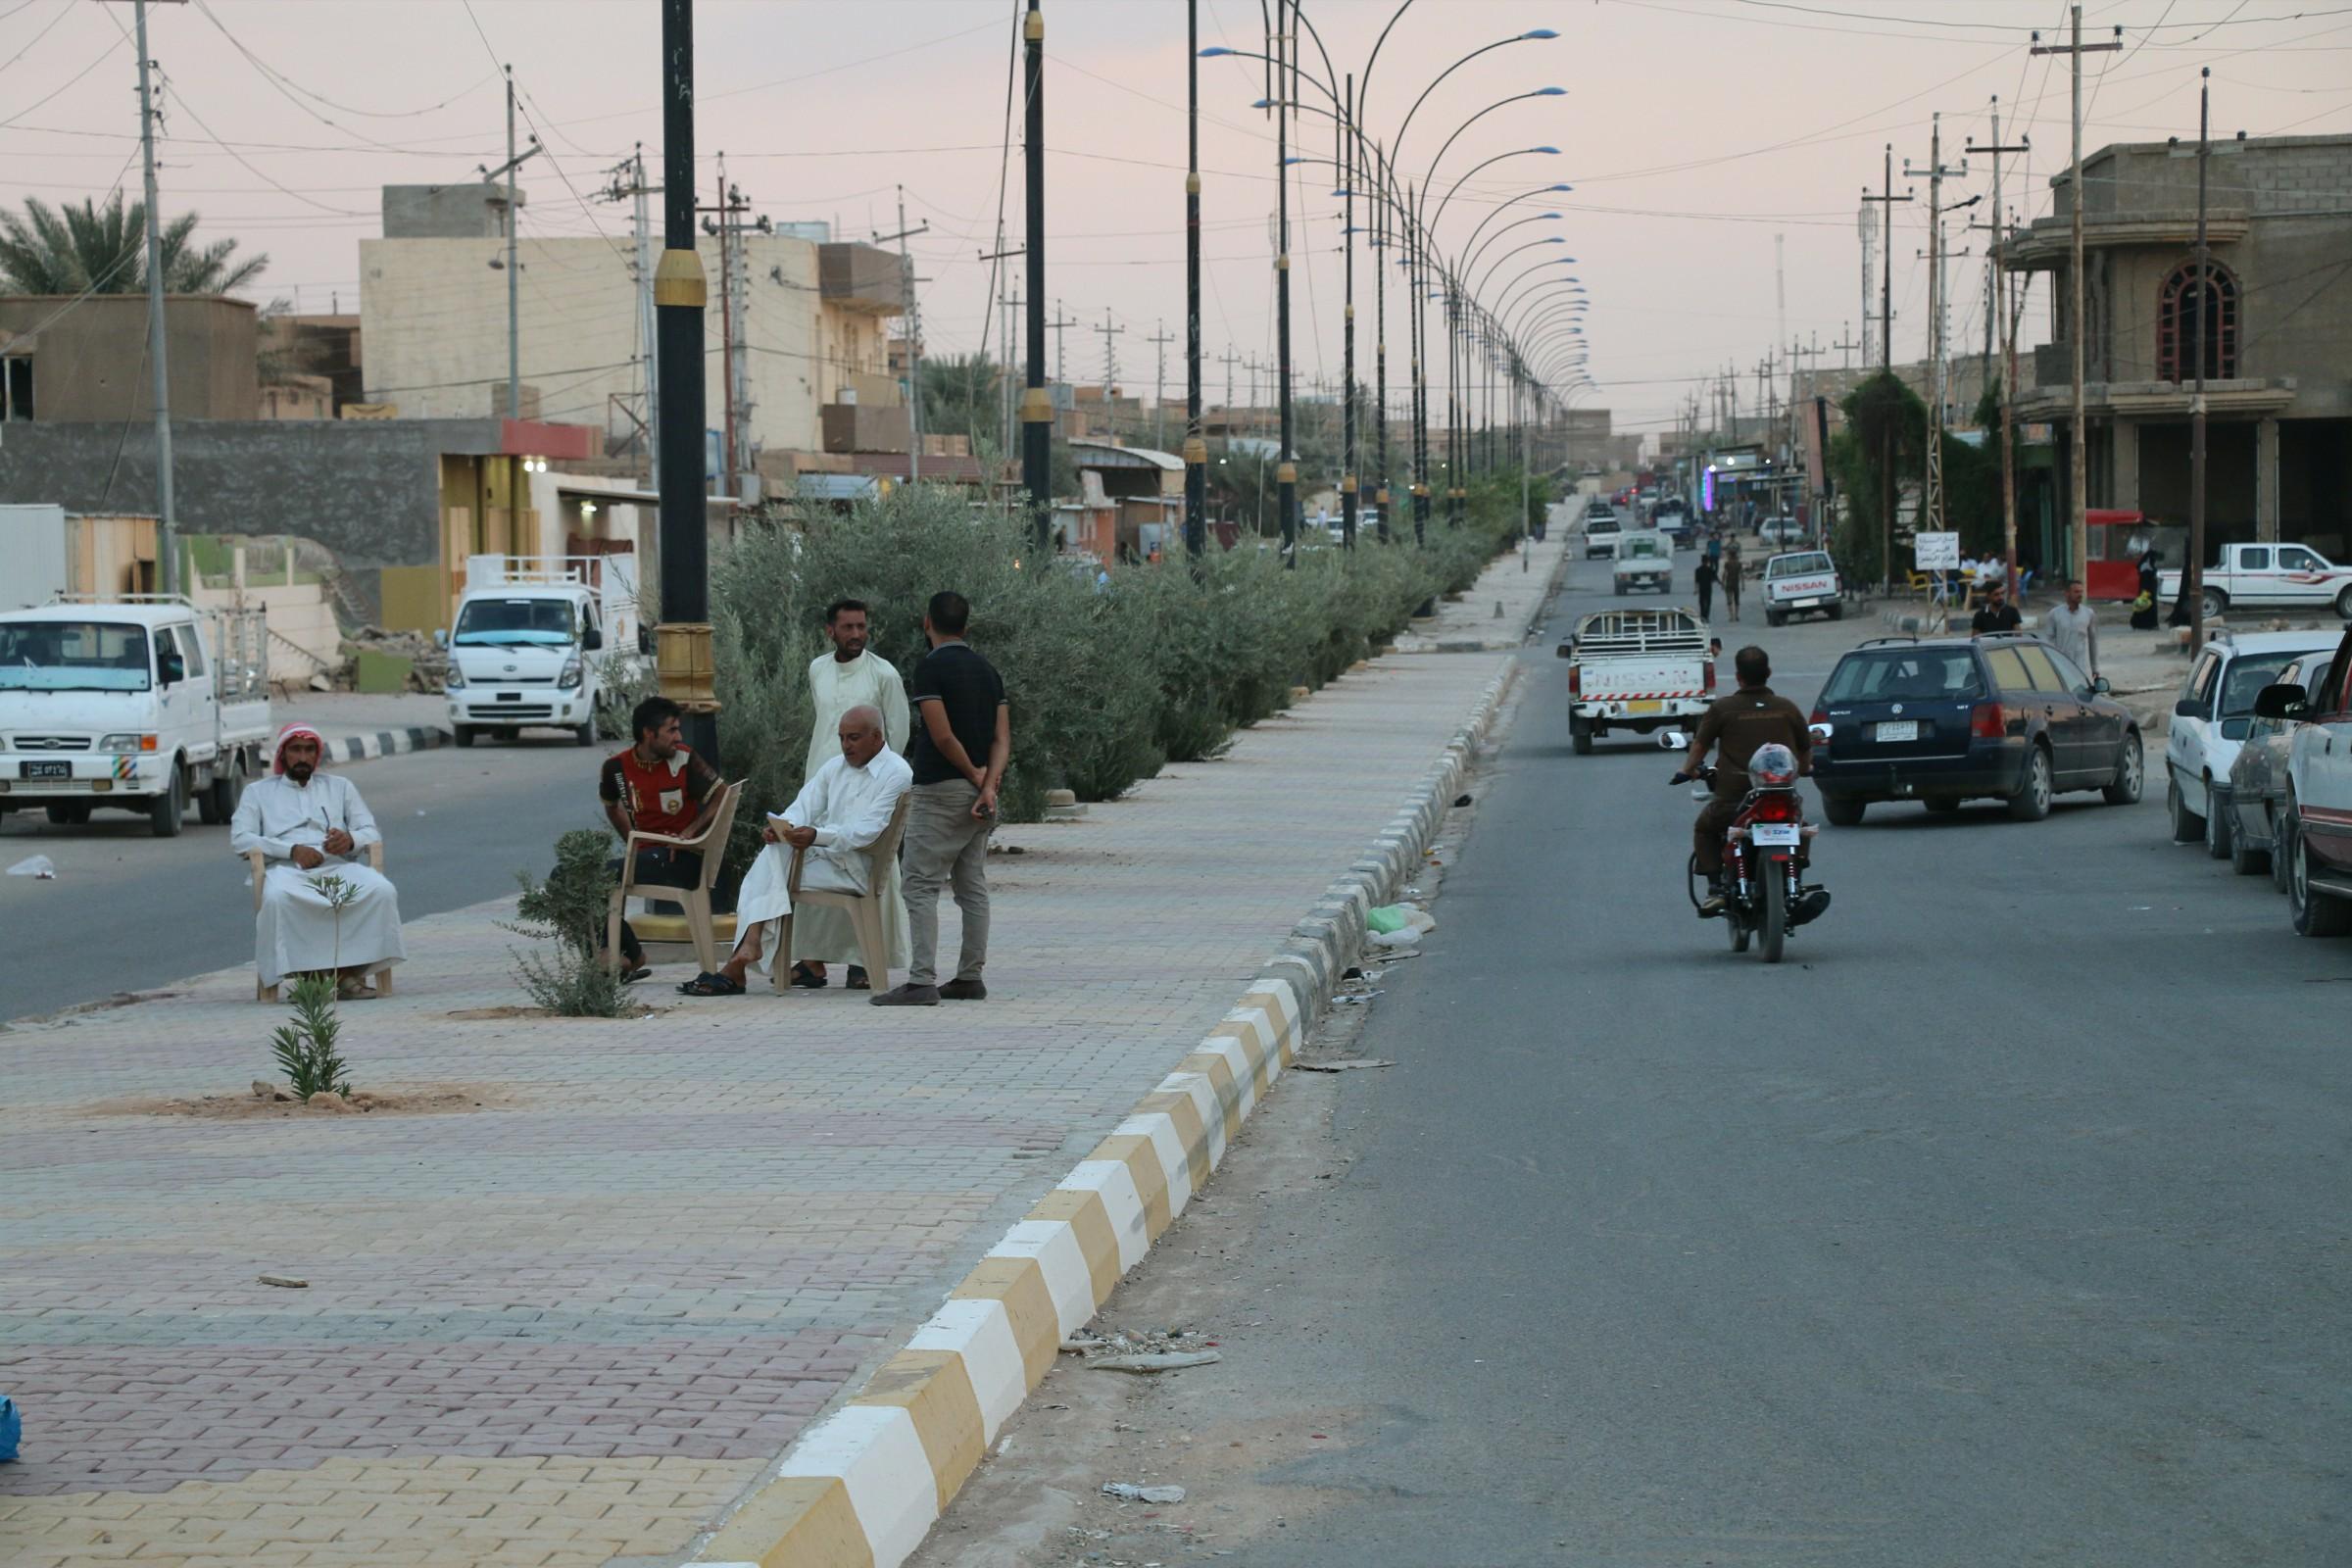 الجيش يسلم مواقع كان يشغلها بالرطبة الى الإدارة المحلية في القضاء